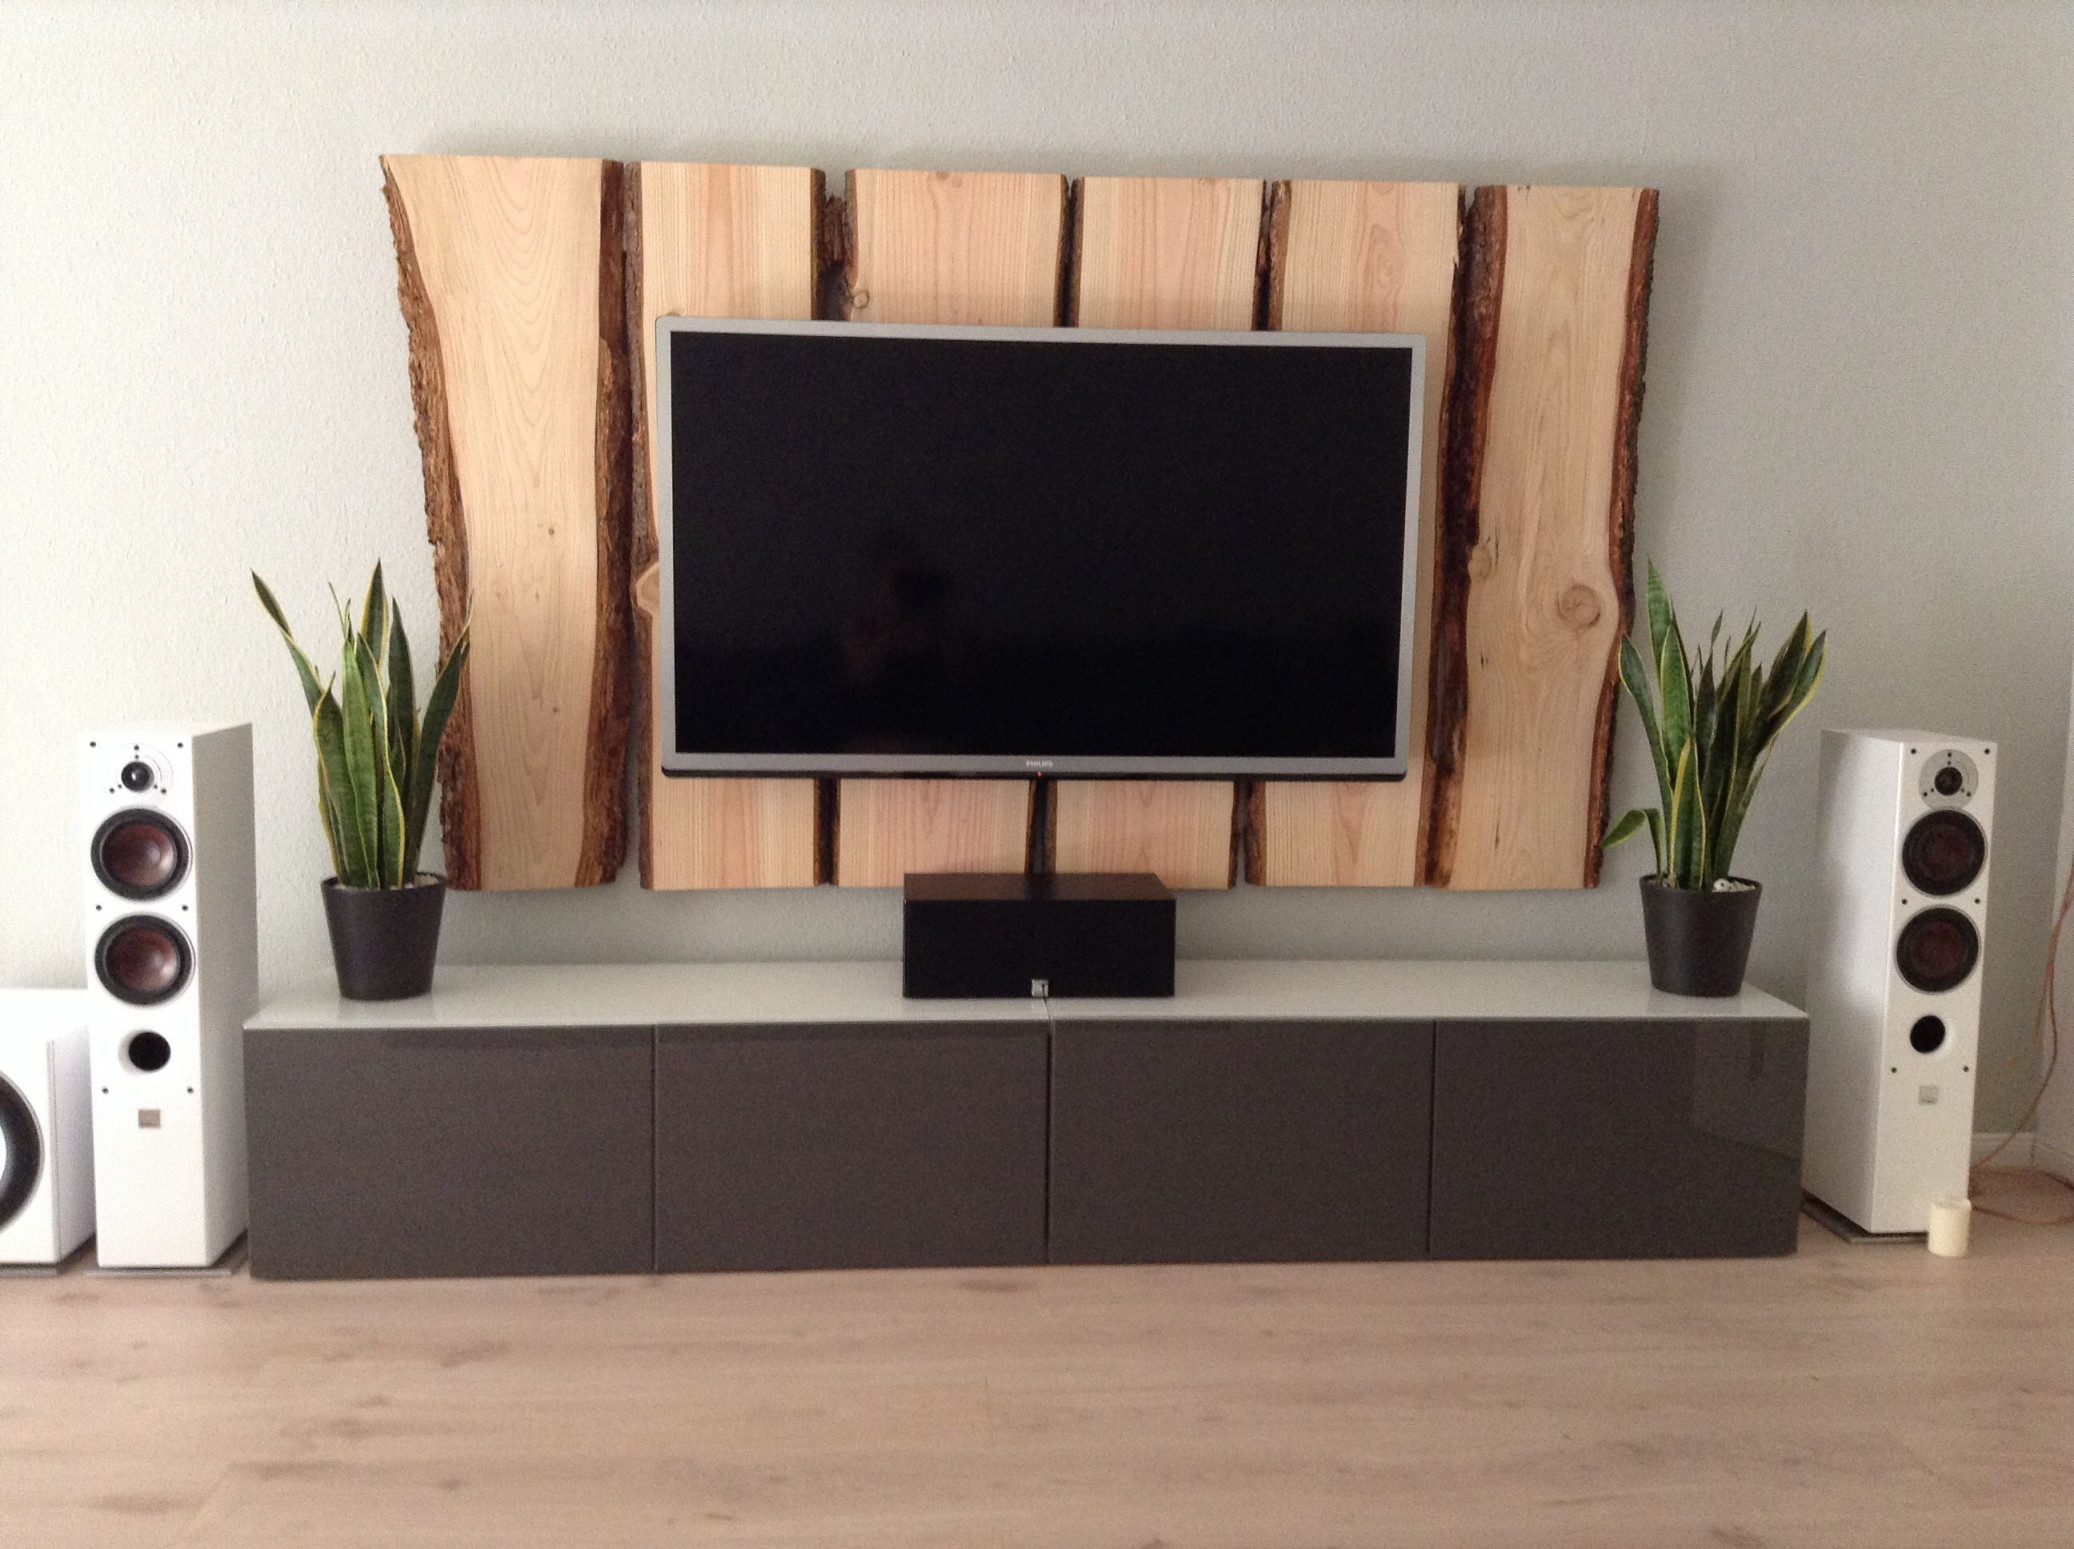 Holz Tv Wand  Tv Wall Wood  Tv Wand Holz Holzwand von Wohnzimmer Fernsehwand Gestalten Photo